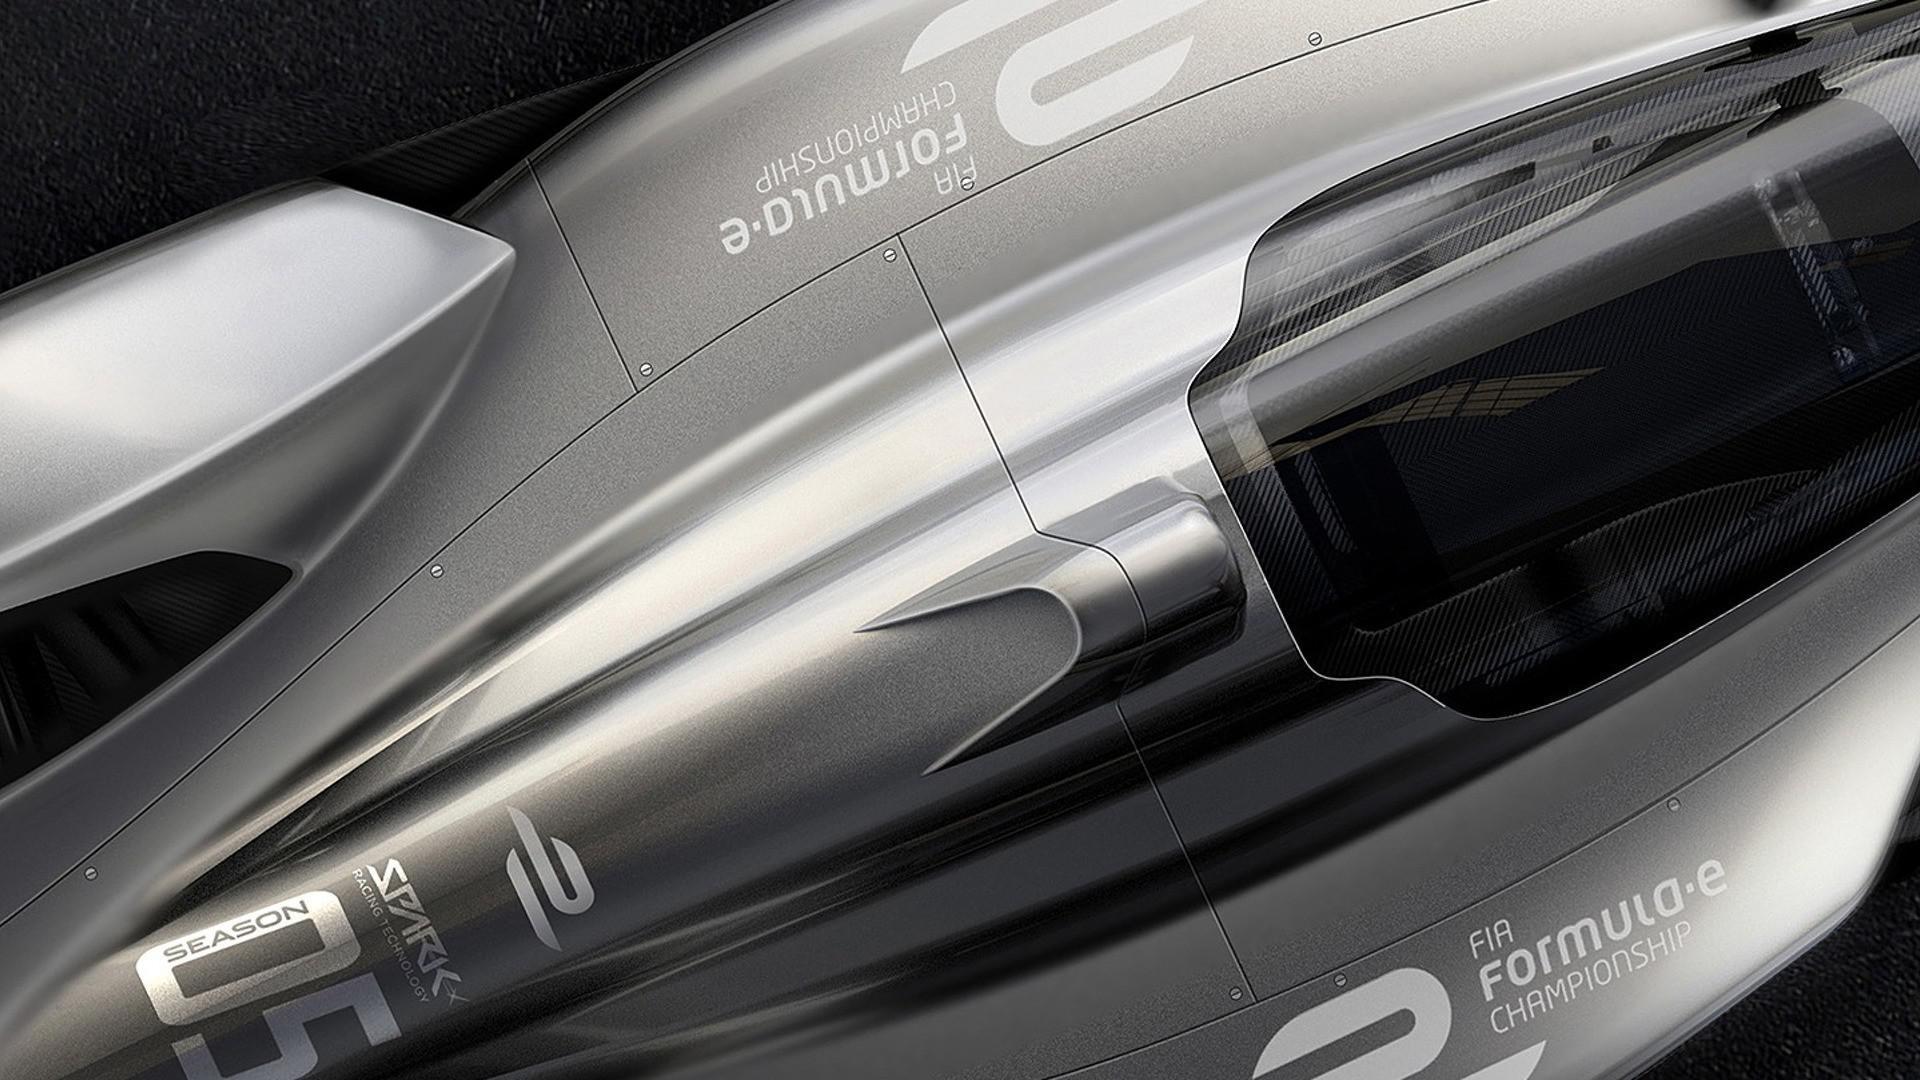 Spark Formule 3 : Un concept qui annonce le sport automobile du futur…